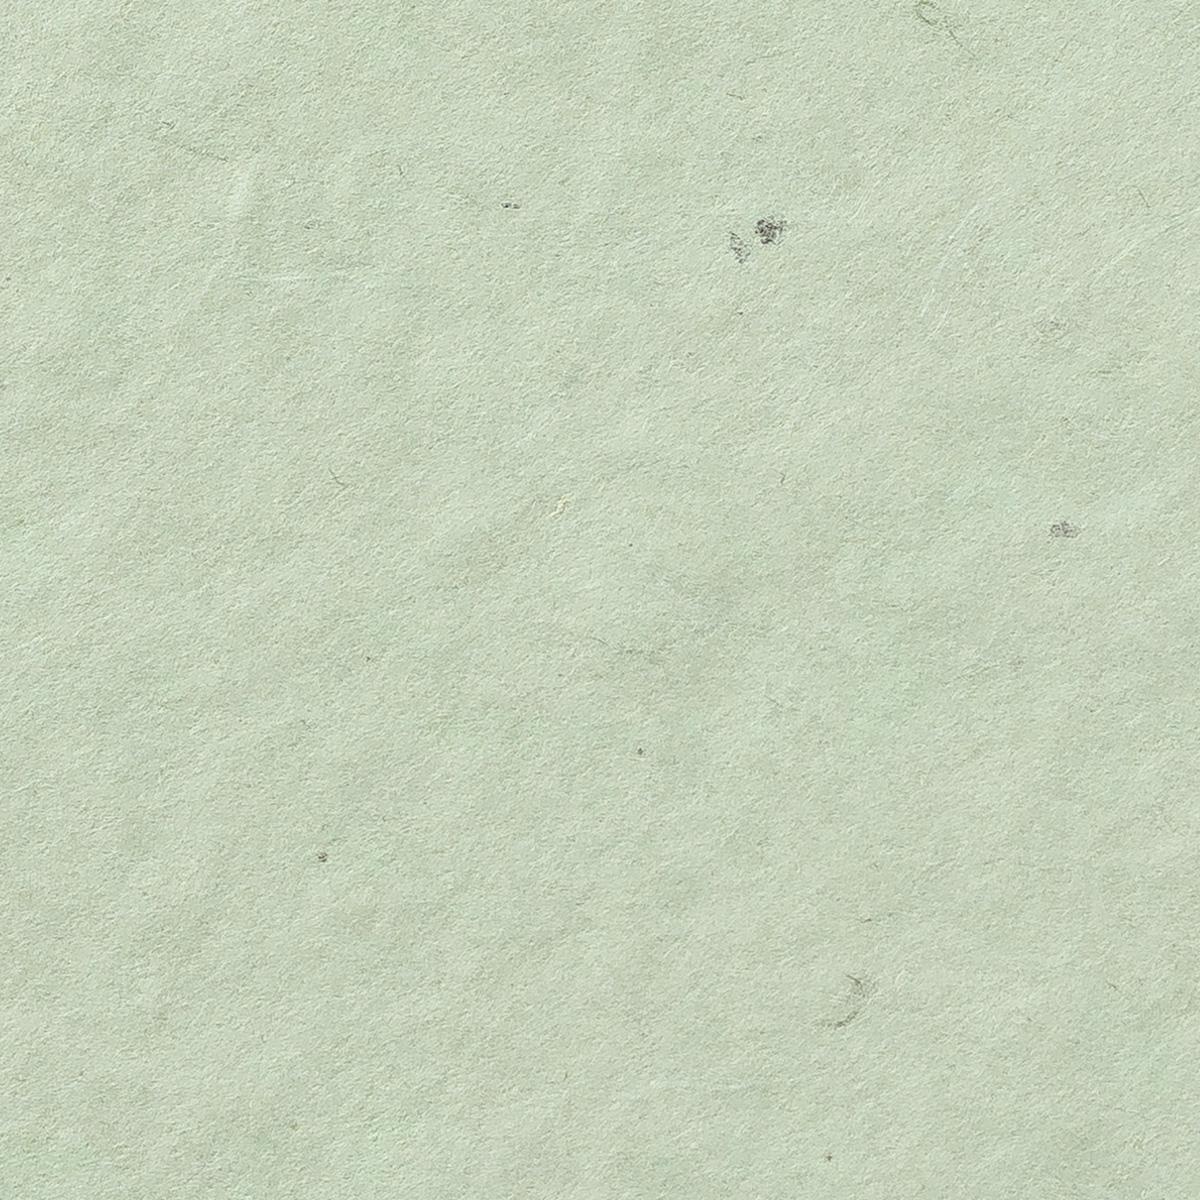 阿波 粕板紙 薄緑